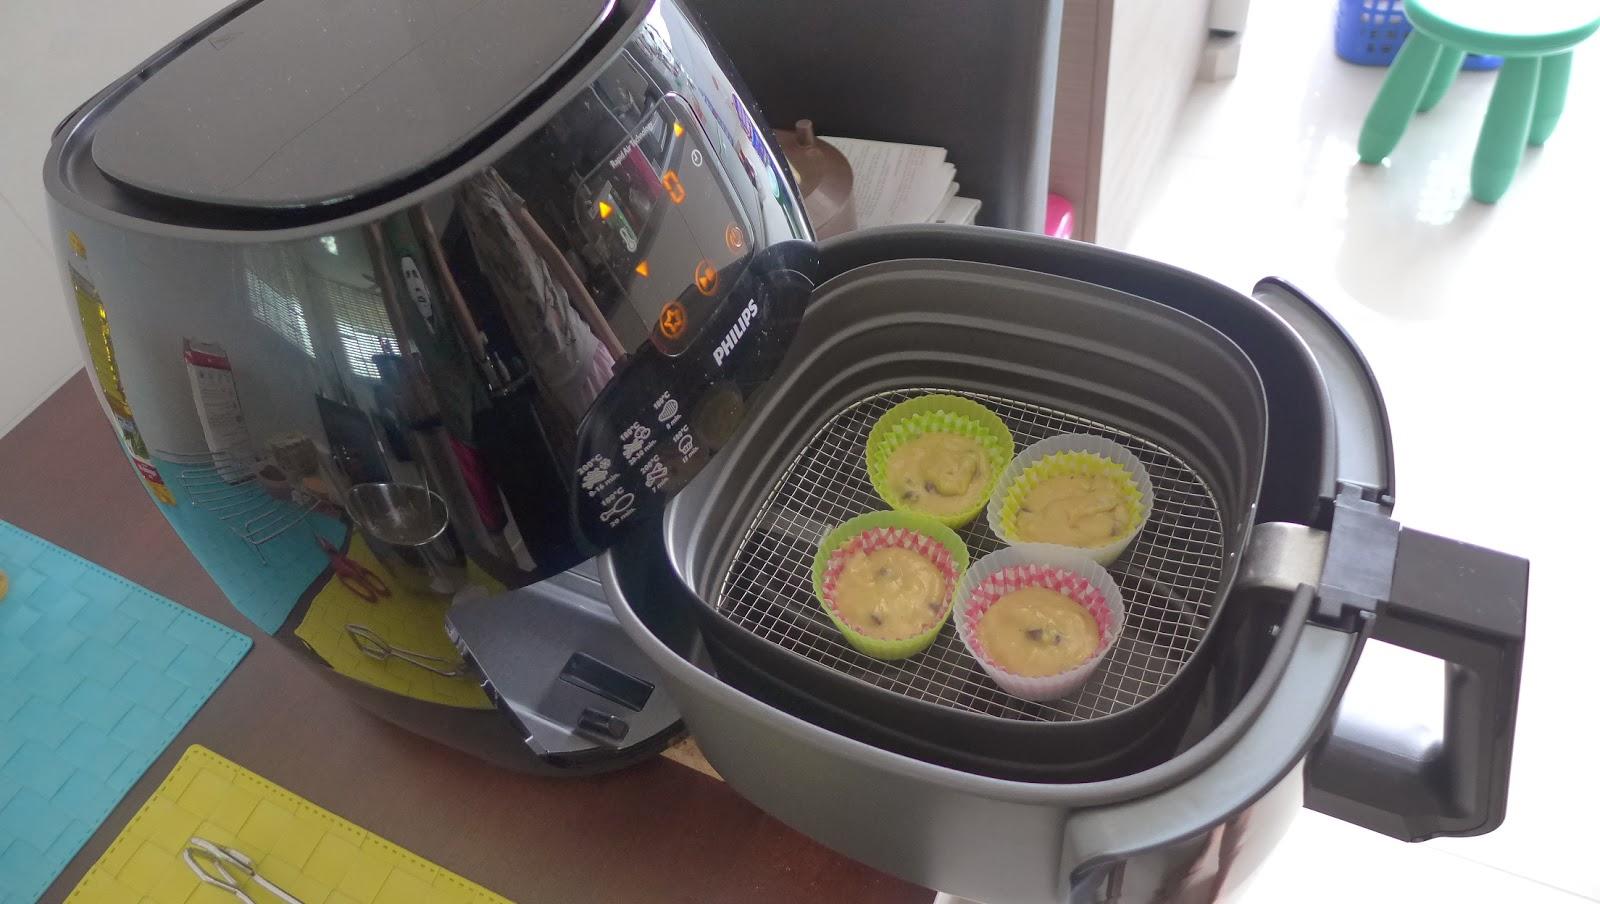 Gesundes Frittieren mit Luft - auch bekannt als Frittieren mit dem Airfryer